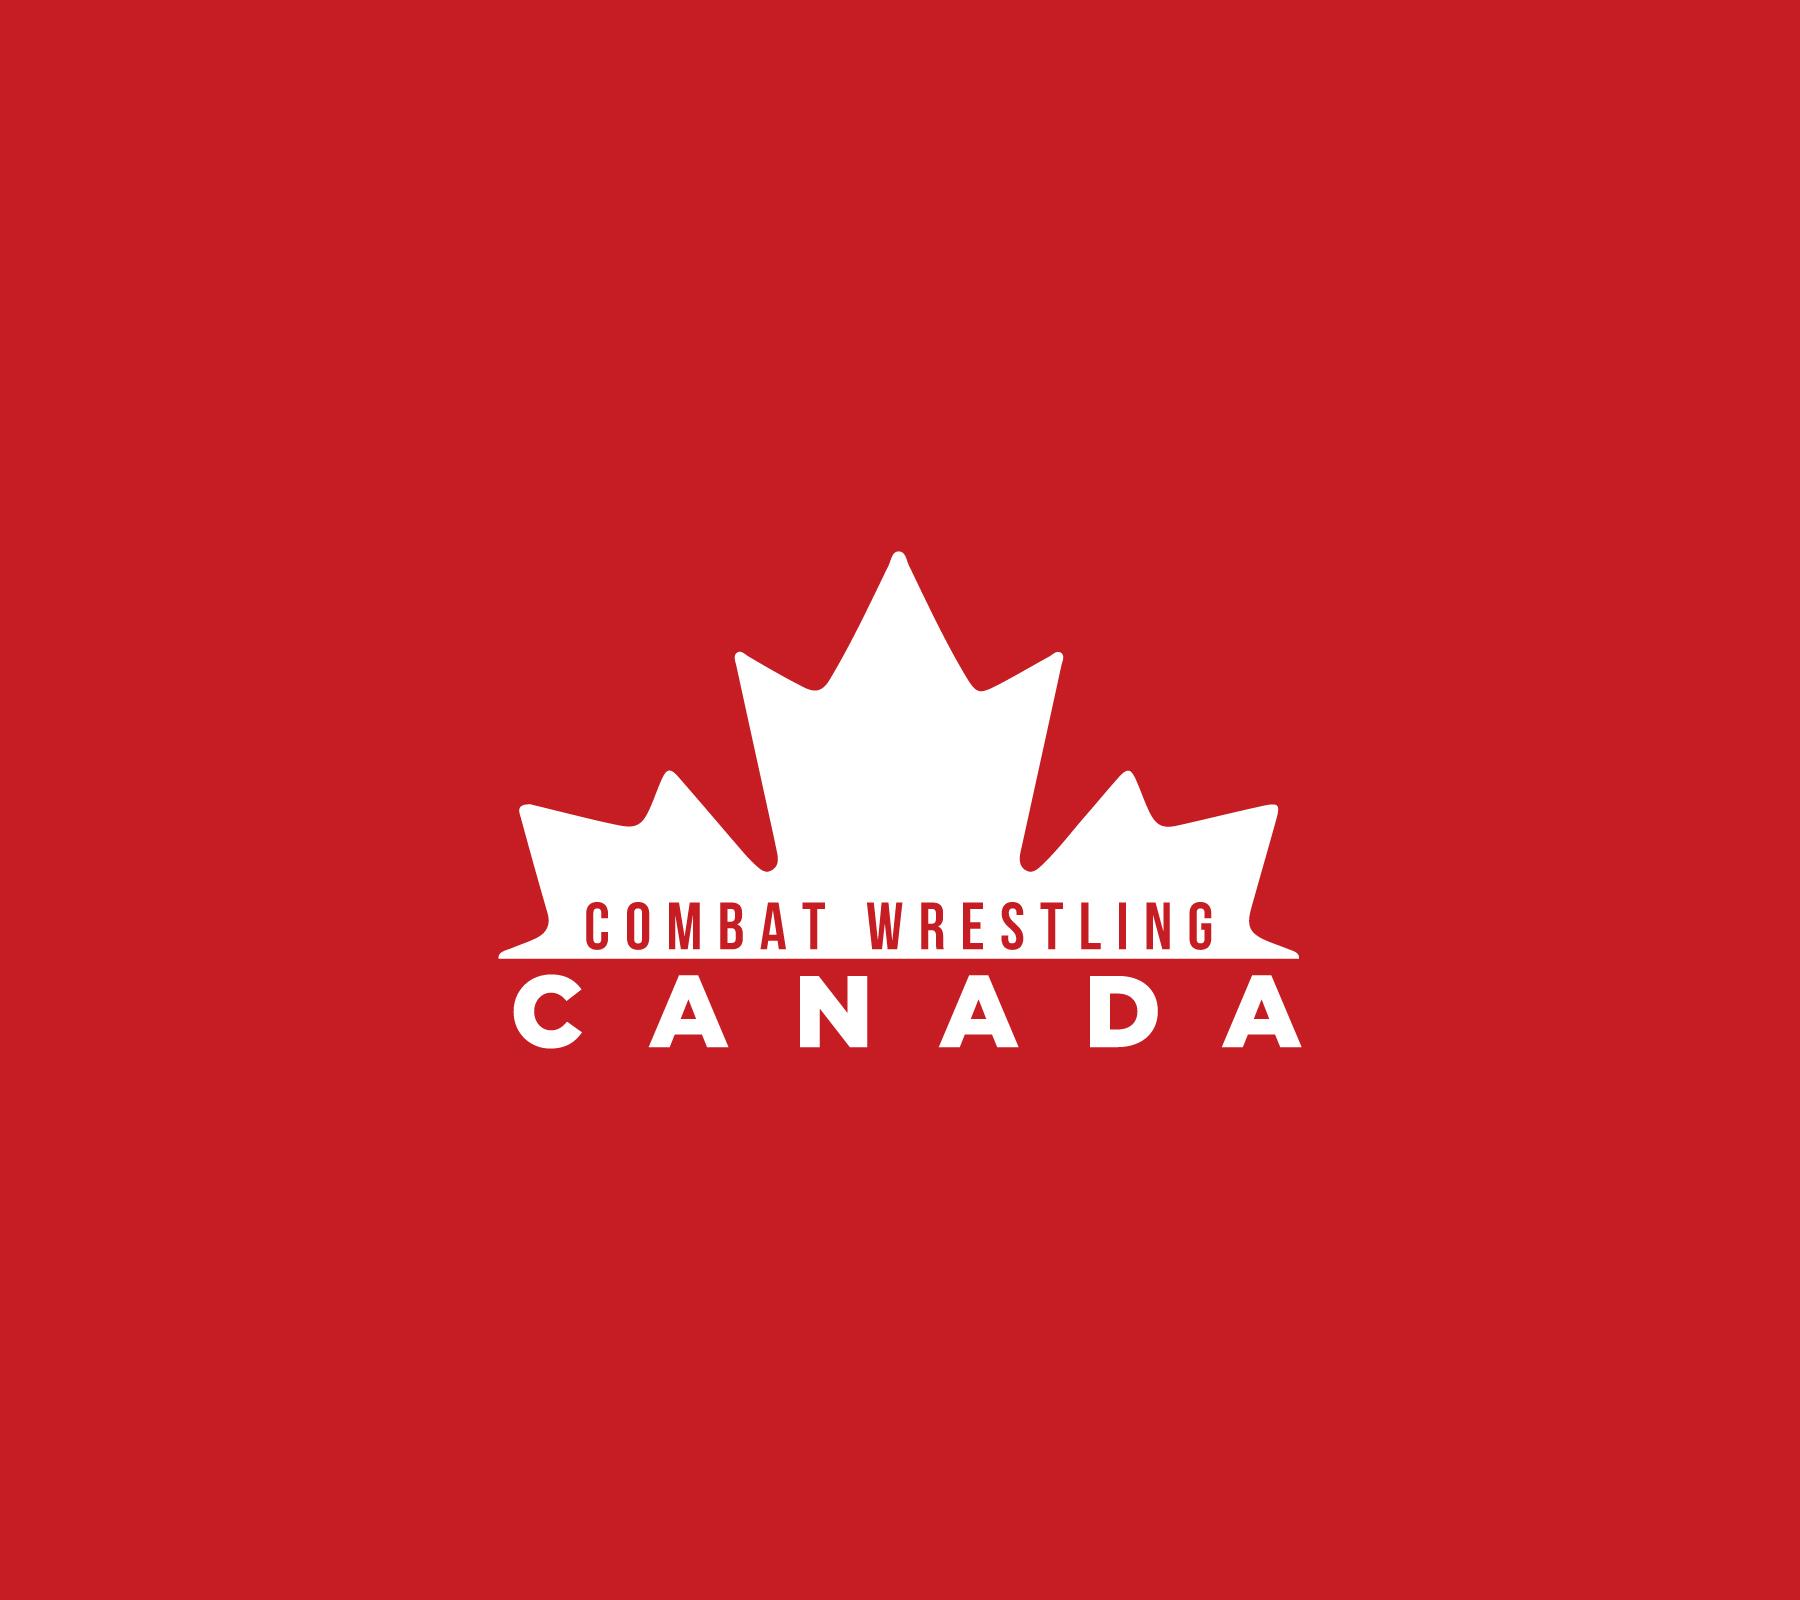 Combat-Wrestling-Canada2.jpg